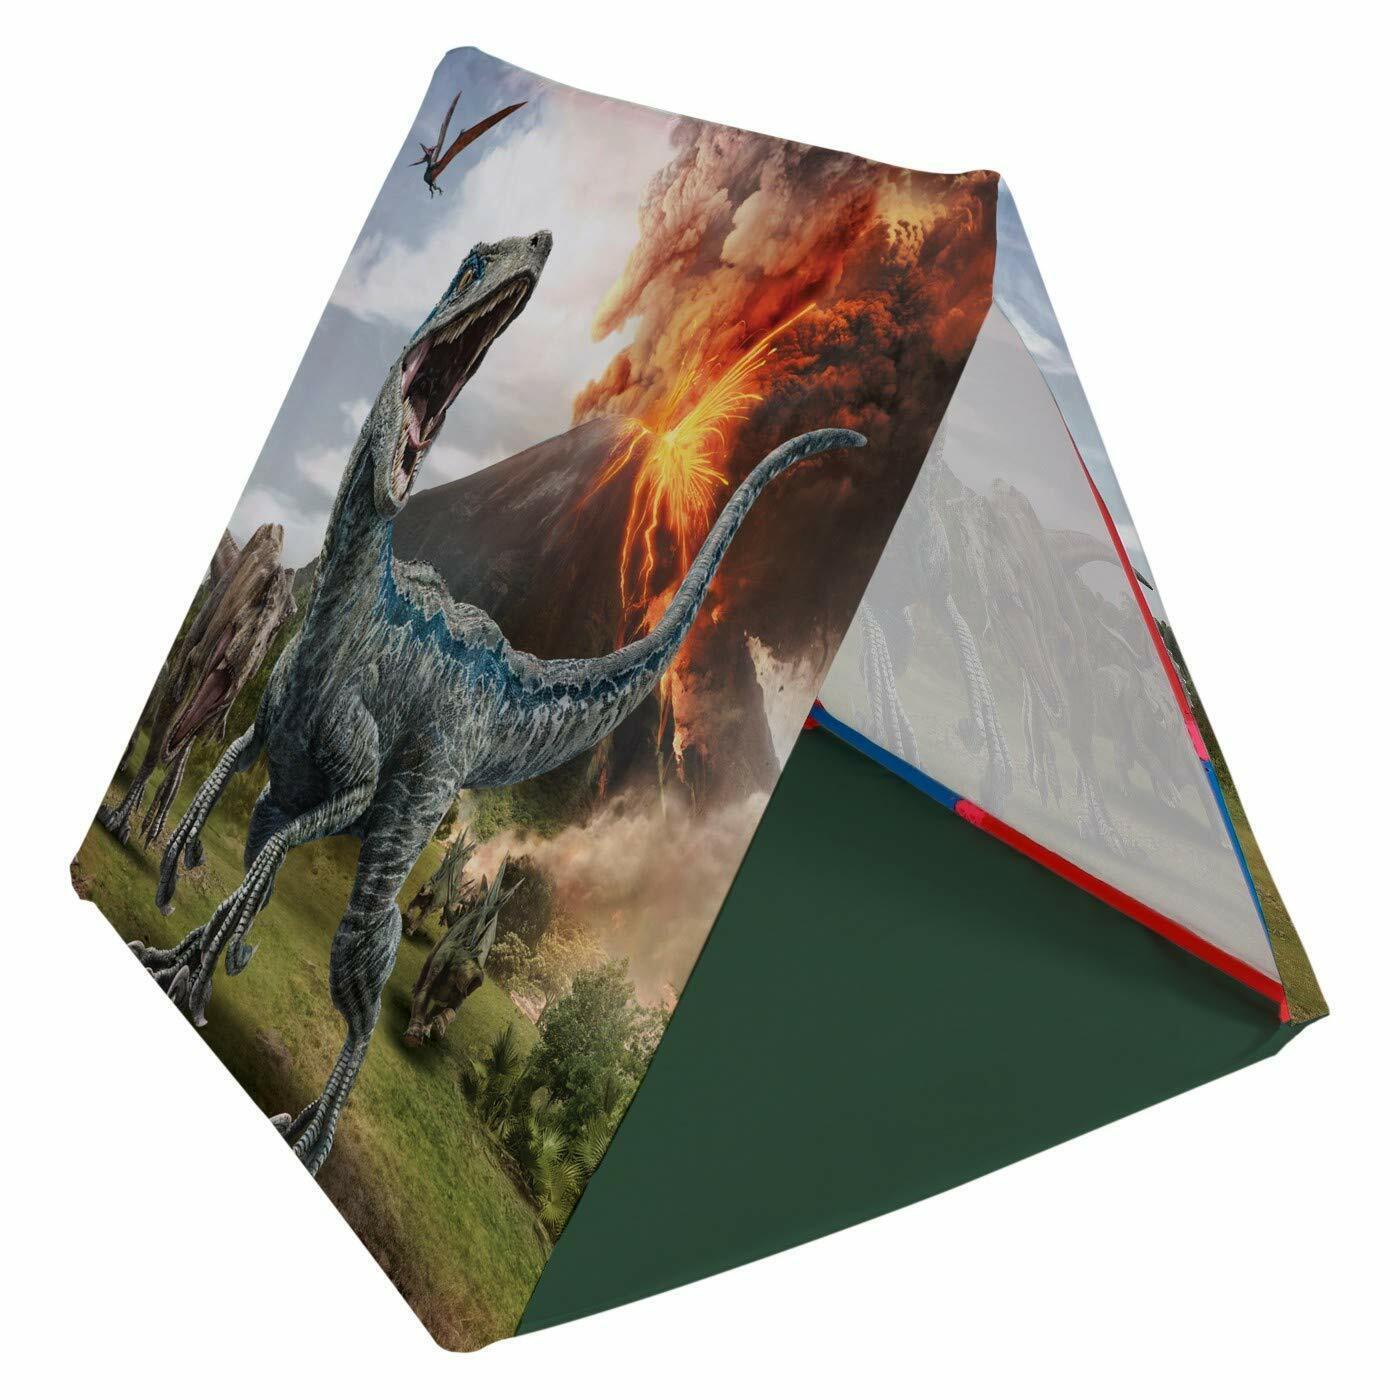 Jurassic World Universal Studios Build And Jugar Tent Kit